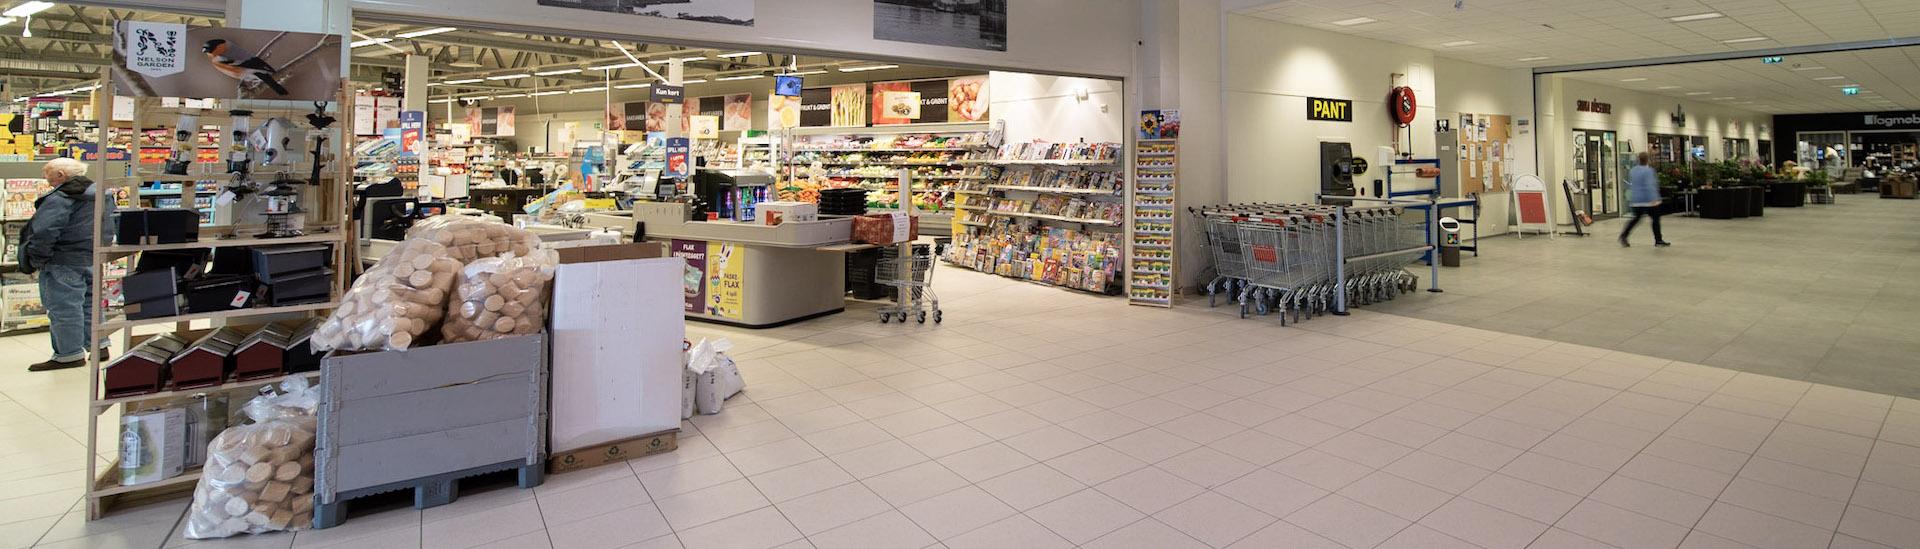 Butikklokale i stålbygg for Smøla Butikk